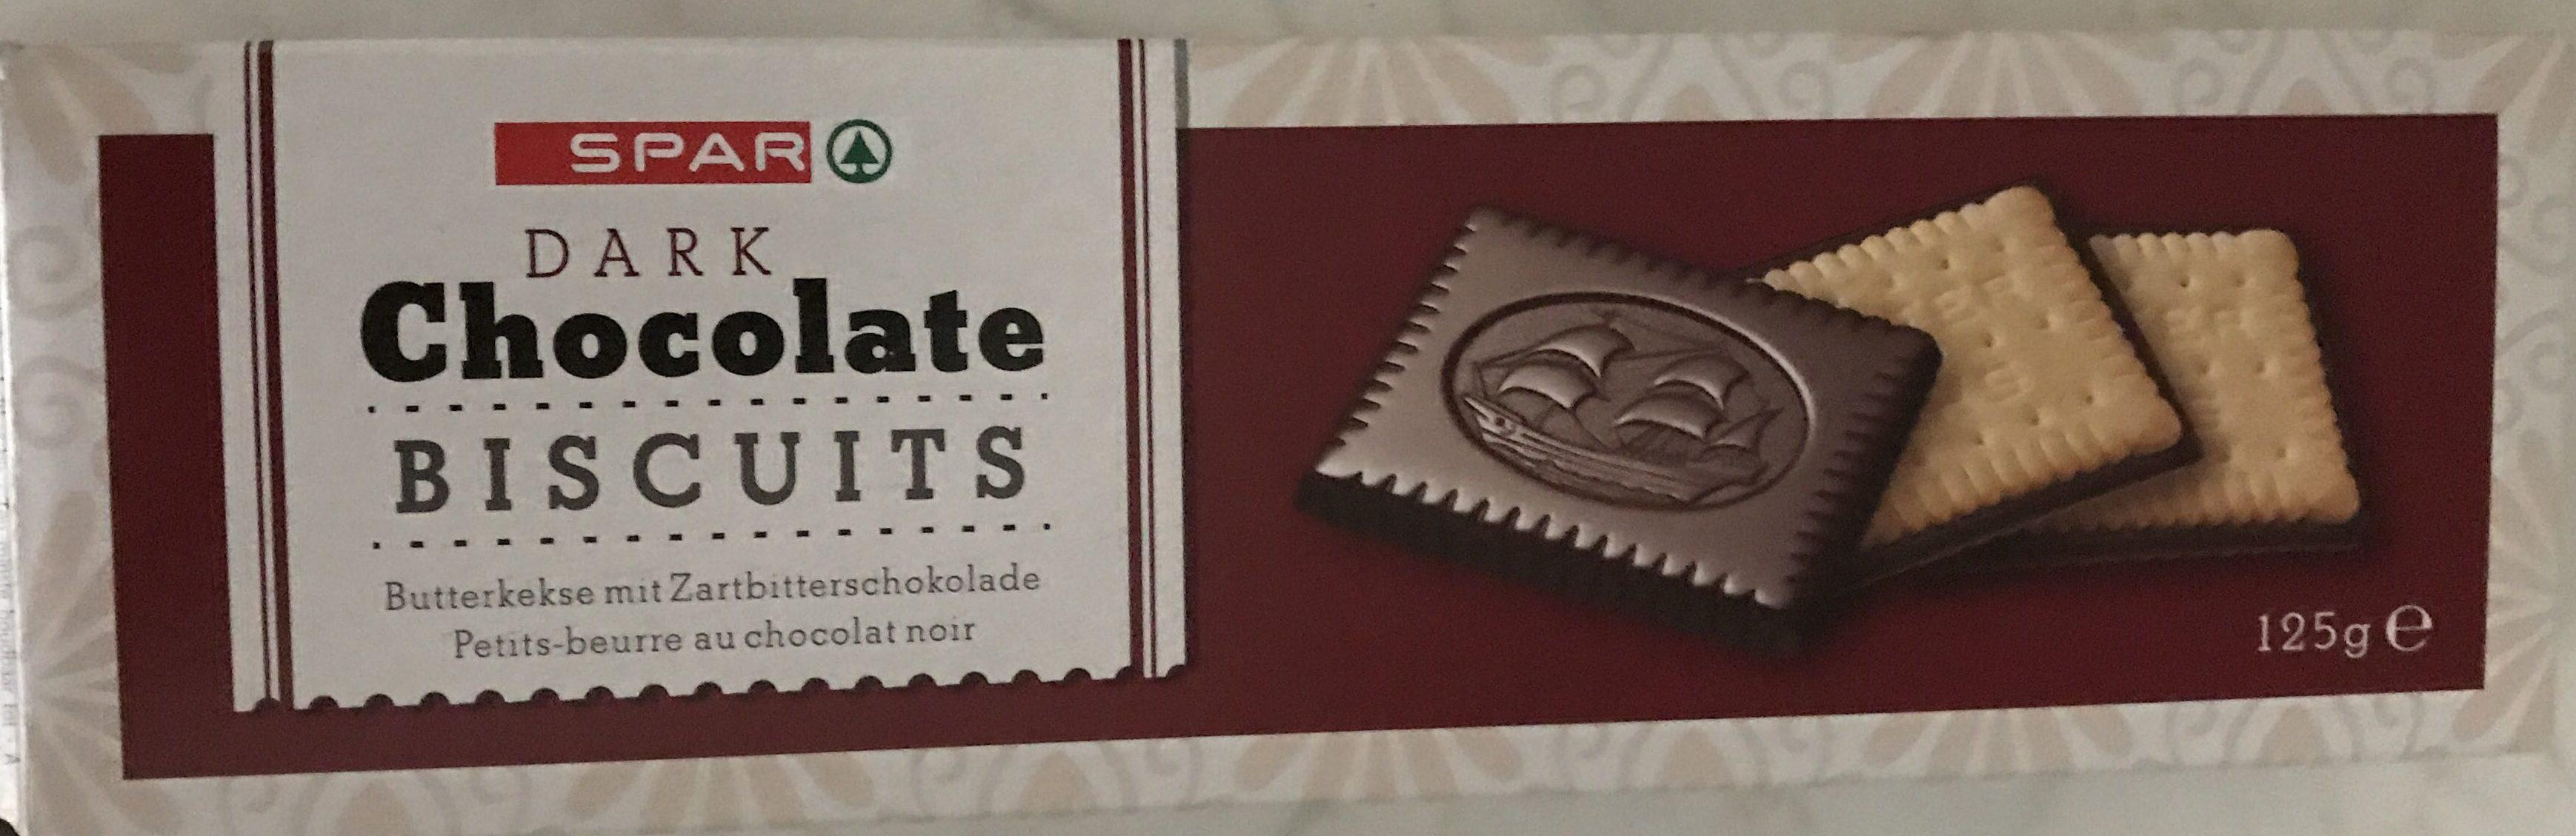 Dark Chocolate Biscuits - Product - en